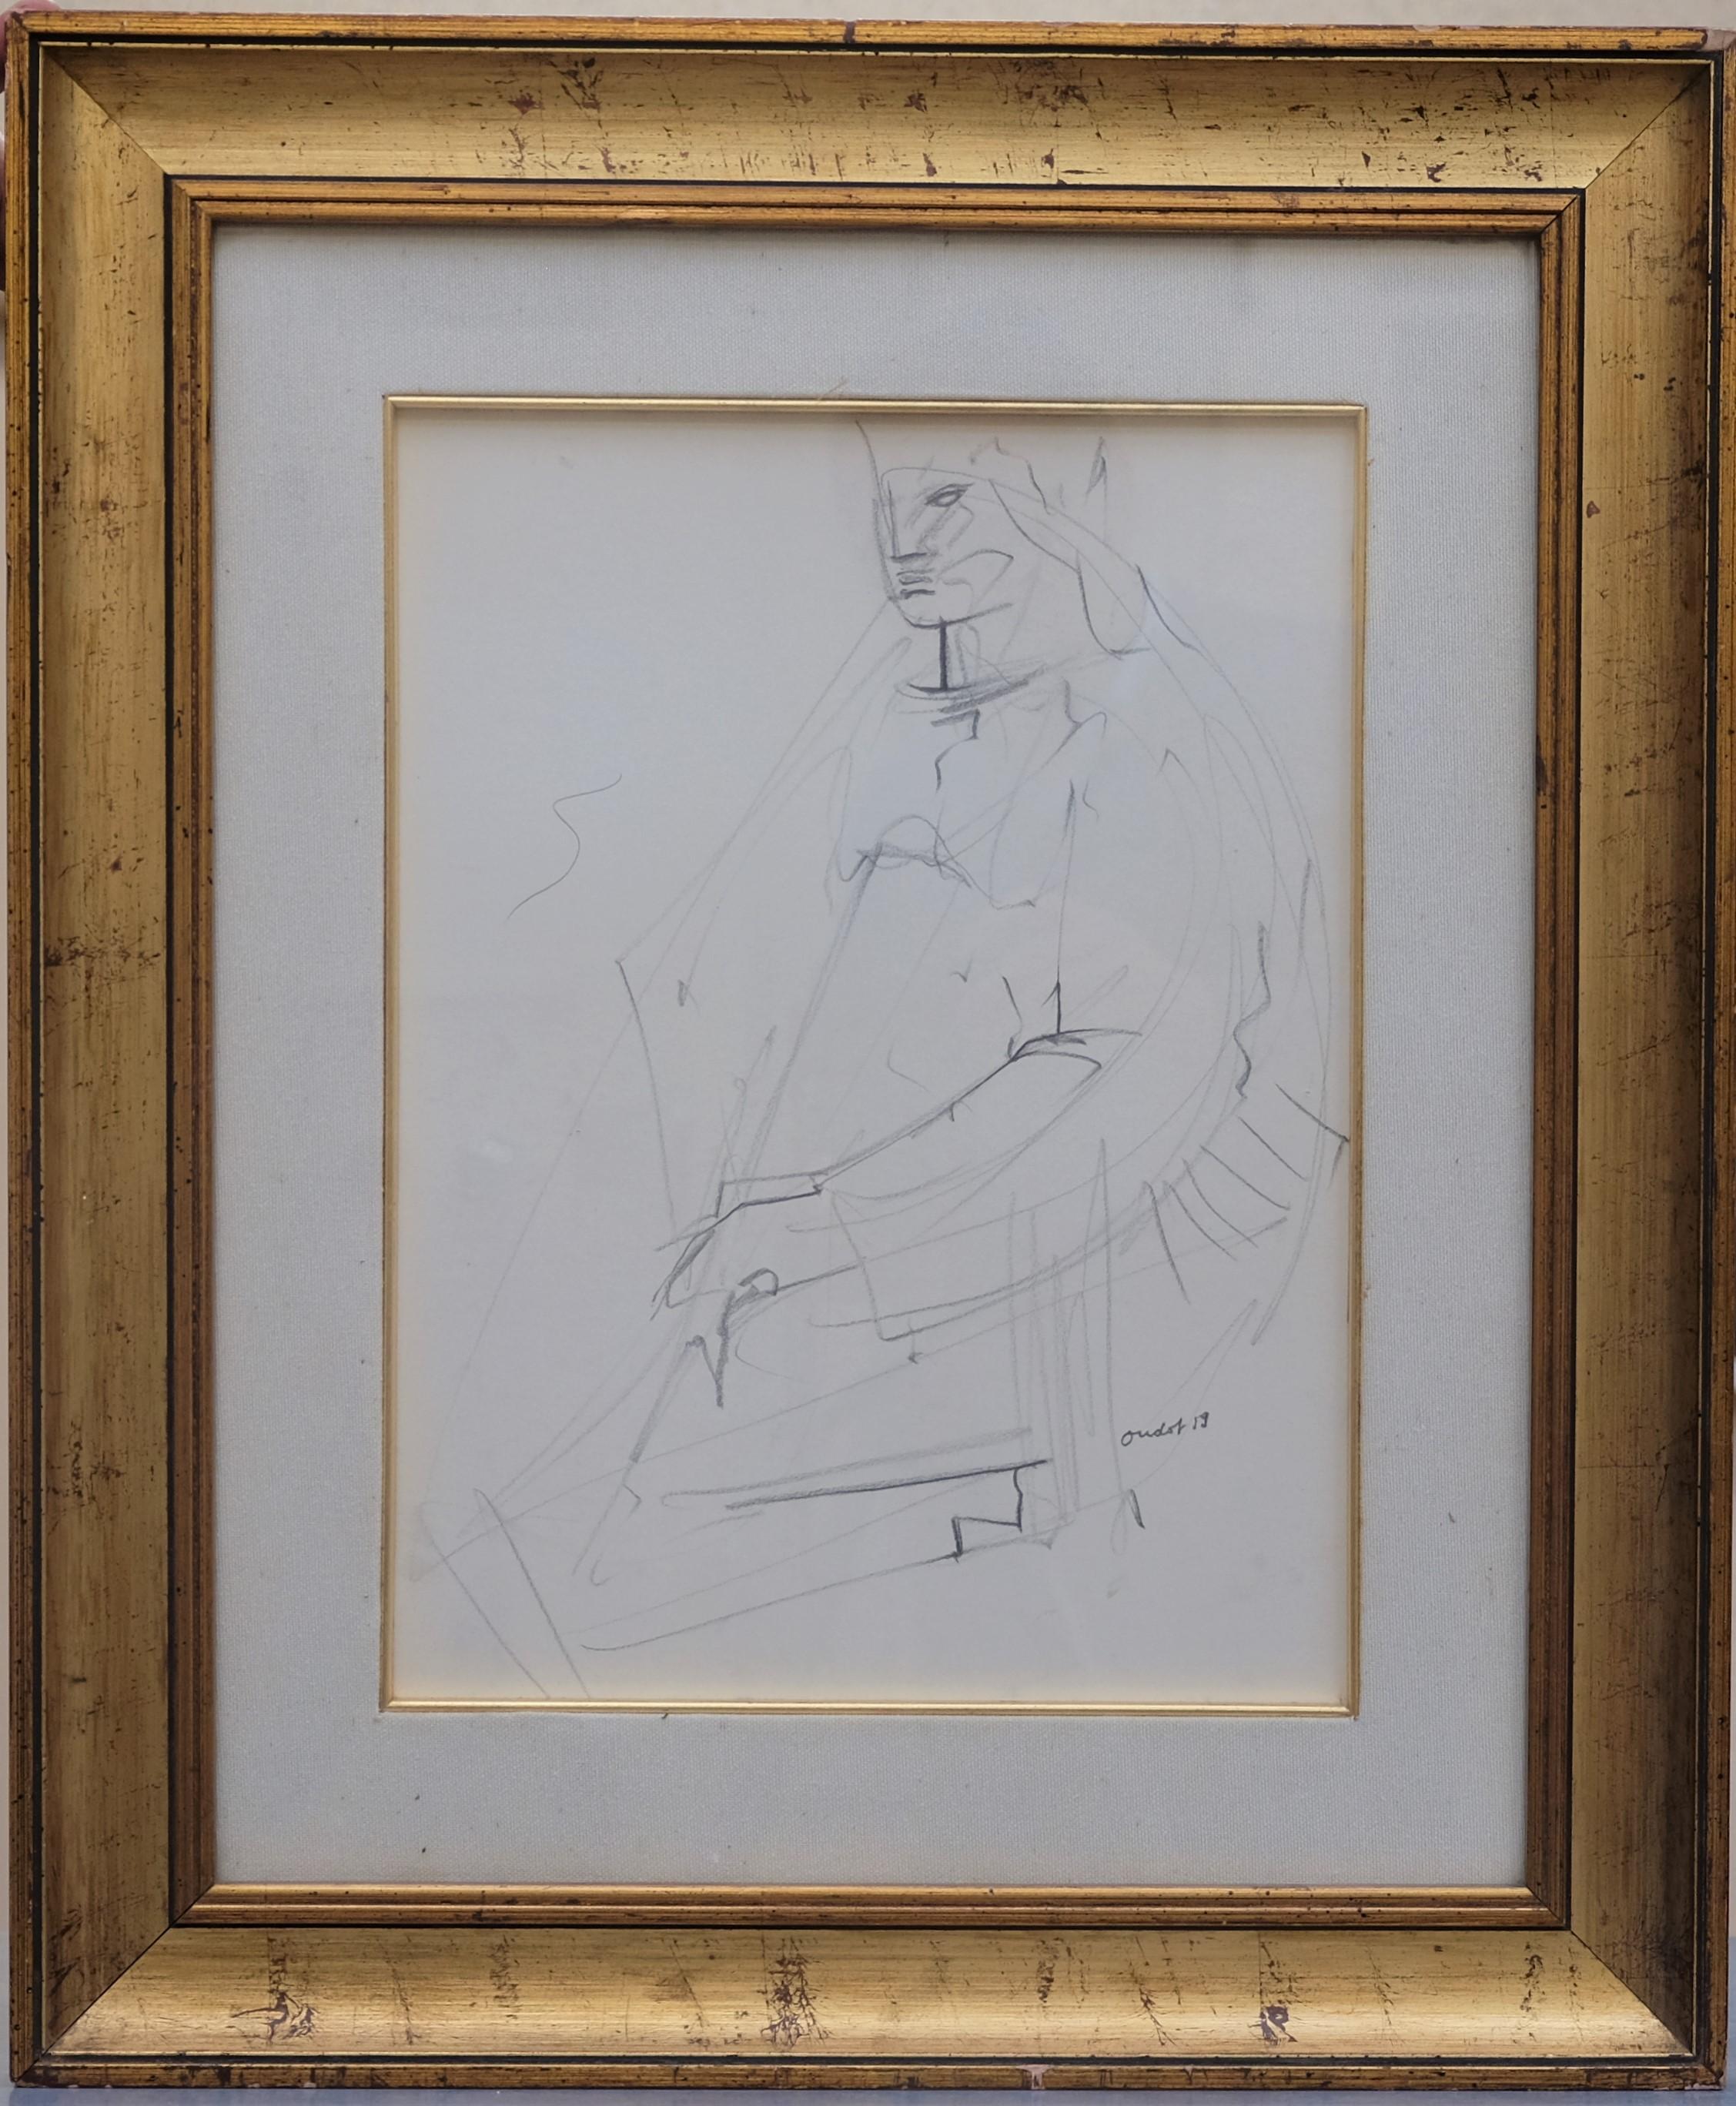 OUDOT Georges (1928-2004). Femme assise. Crayon. Signé en bas à droite et daté (19)59. 38 X 28.